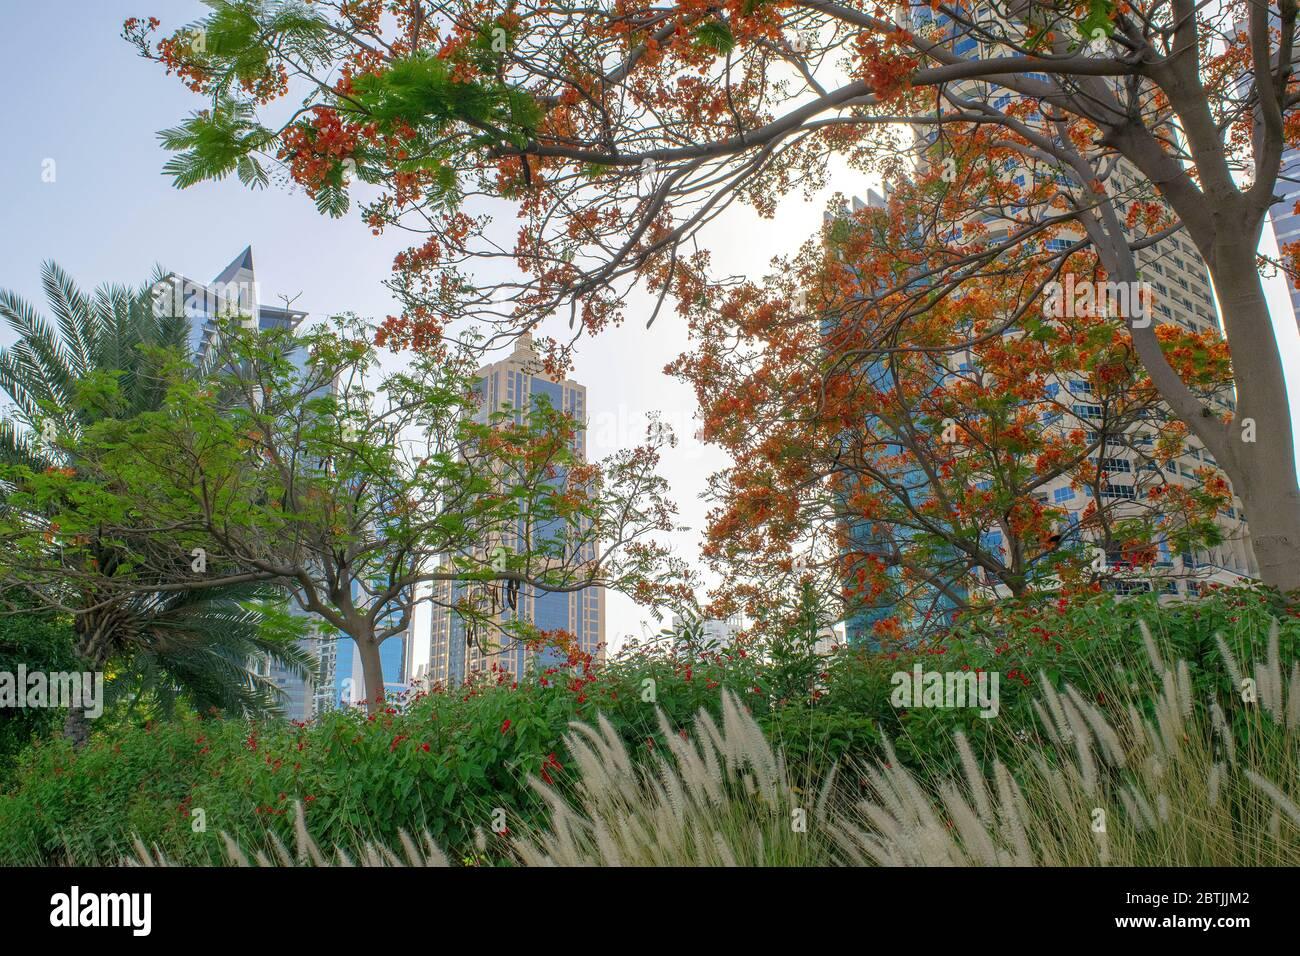 Dubai / EAU - 26 de mayo de 2020: Vista de los rascacielos de Jumeirah Lakes Towers y el parque con muchos árboles verdes. Edificios residenciales en JLT. JLT a través de foliag Foto de stock